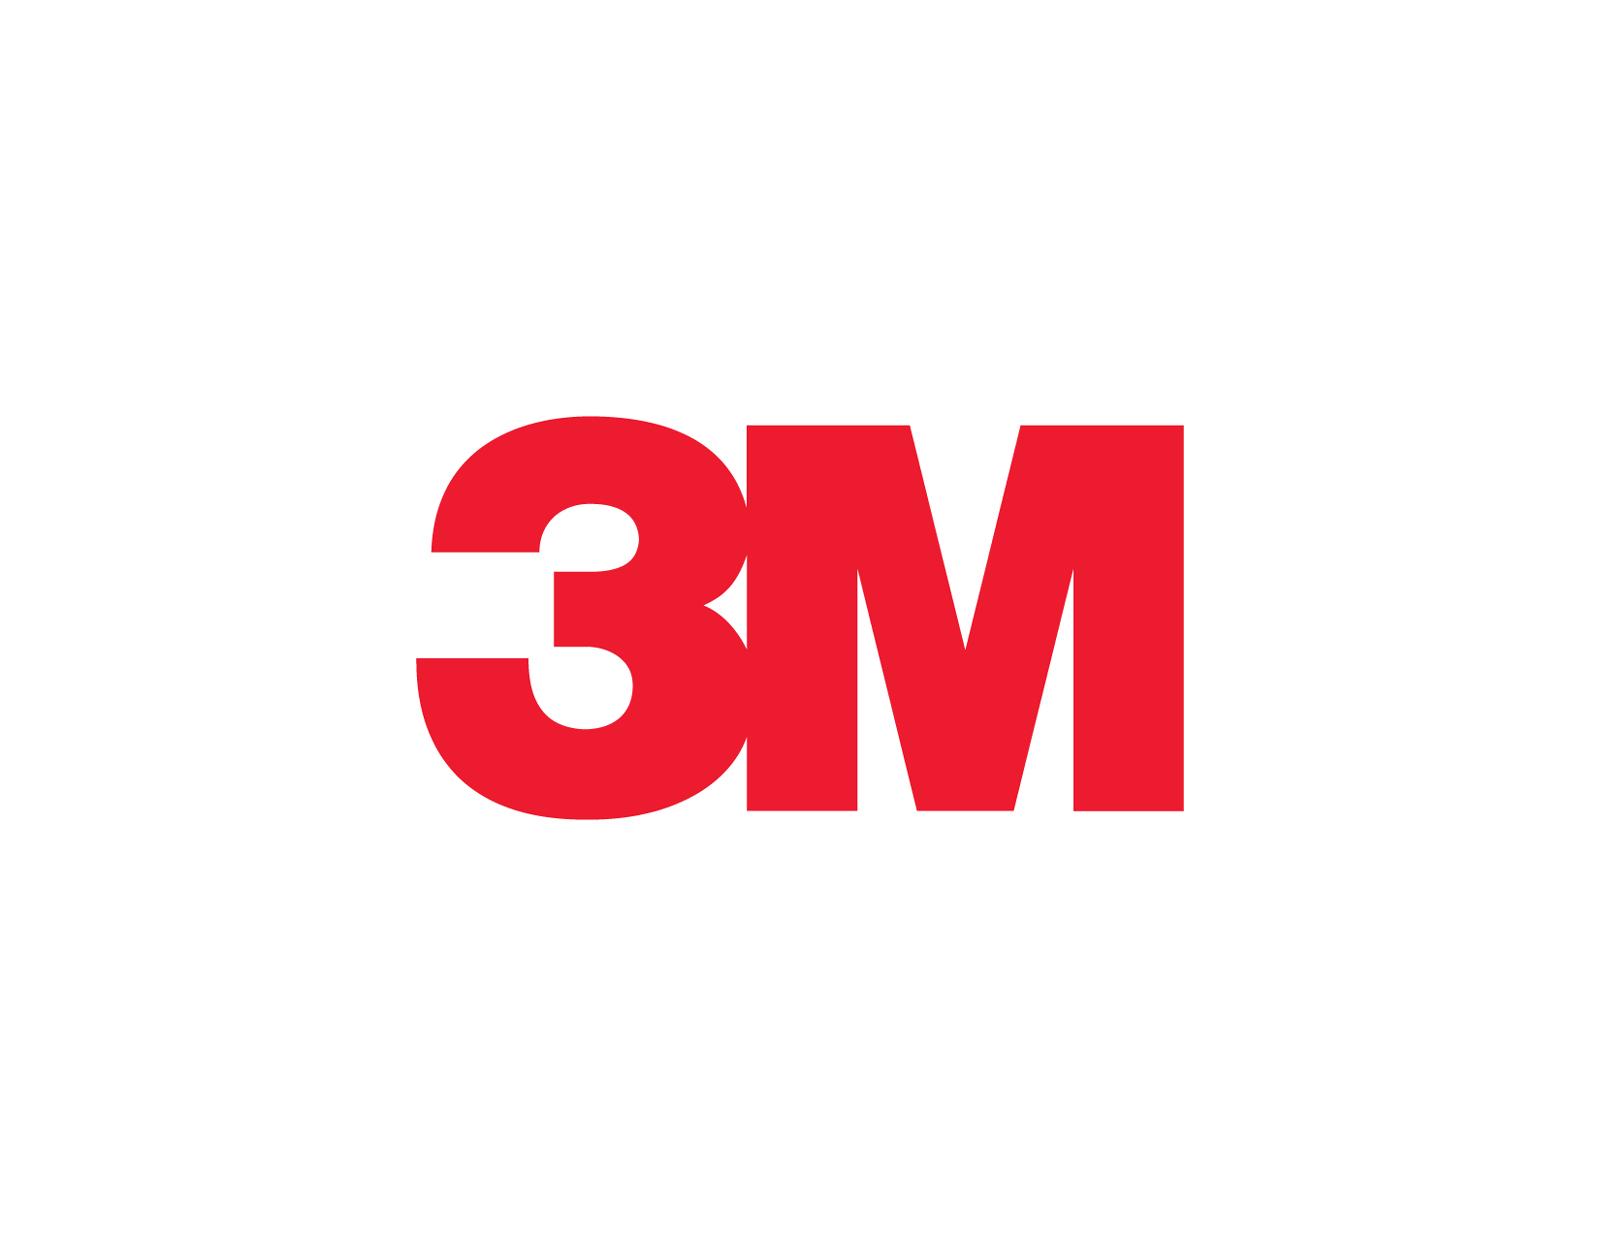 logo 3M siegelgale